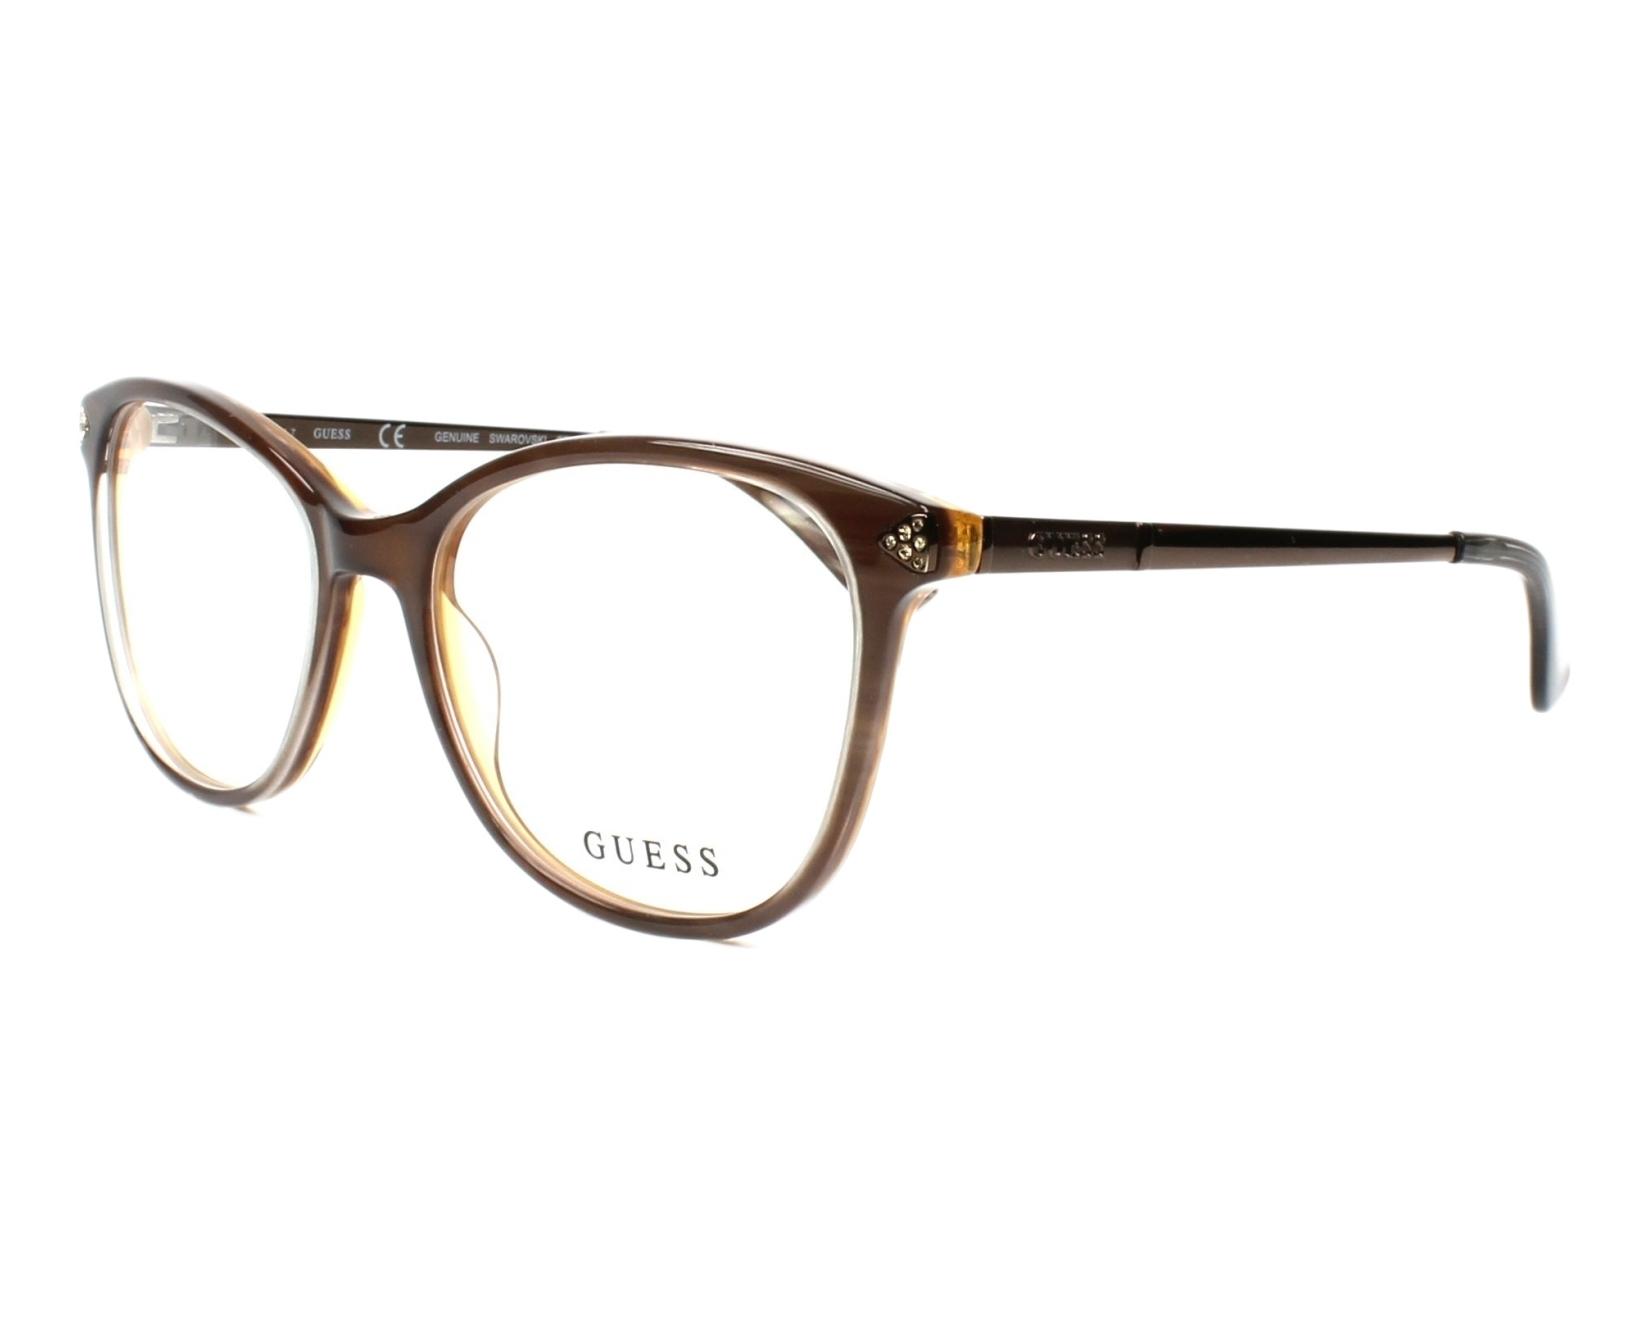 a0146146b52 eyeglasses Guess GU-2632-S 045 52-17 Brown Brown profile view